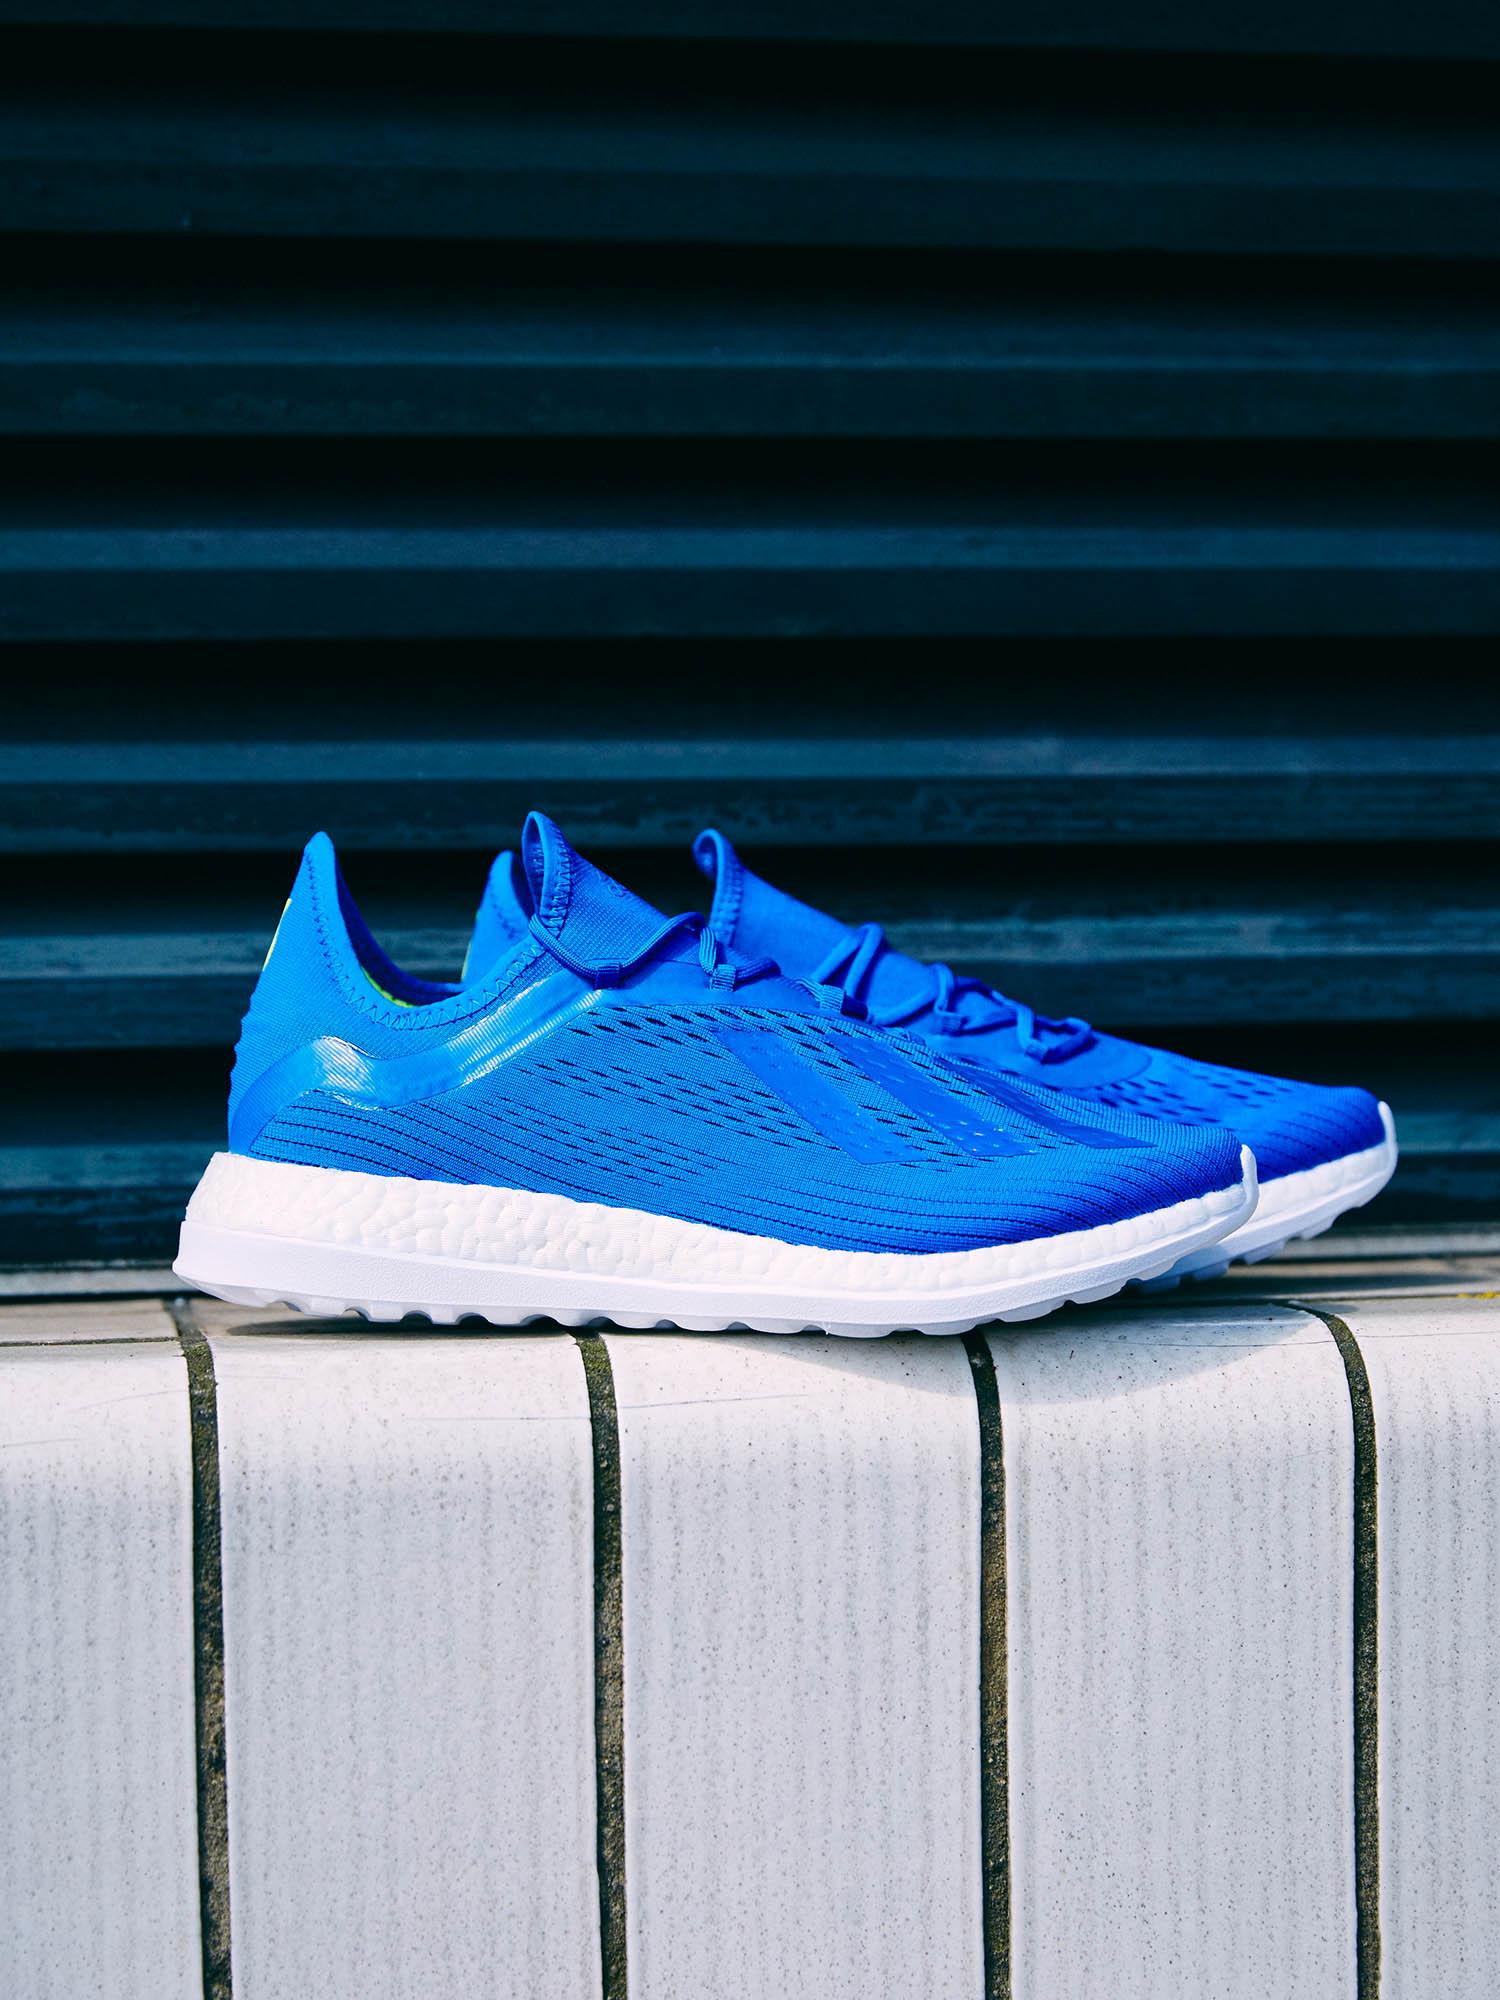 meet 1b598 d3c28 Adidas Energy Mode UltraBOOST X Blue0000x ub 25.jpg